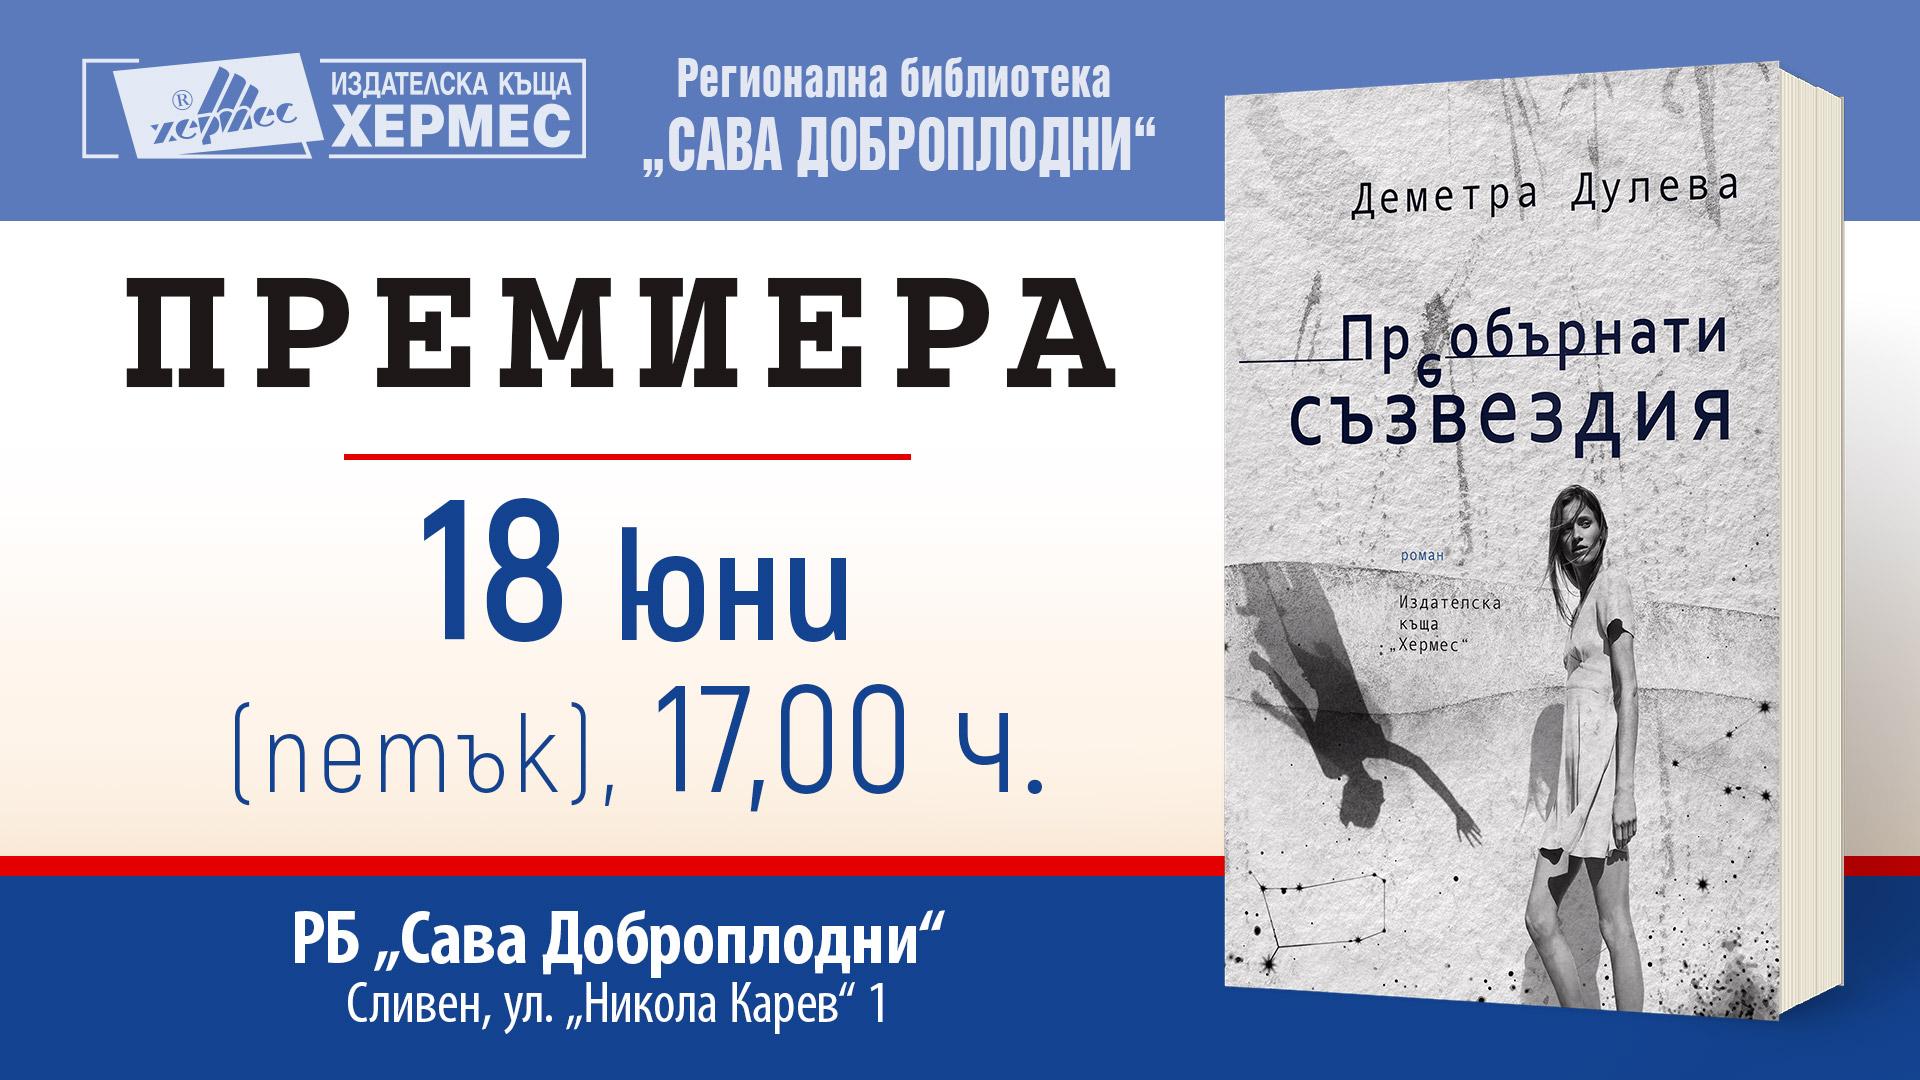 """Премиера на """"Преобърнати съзвездия"""" от Деметра Дулева в Сливен"""